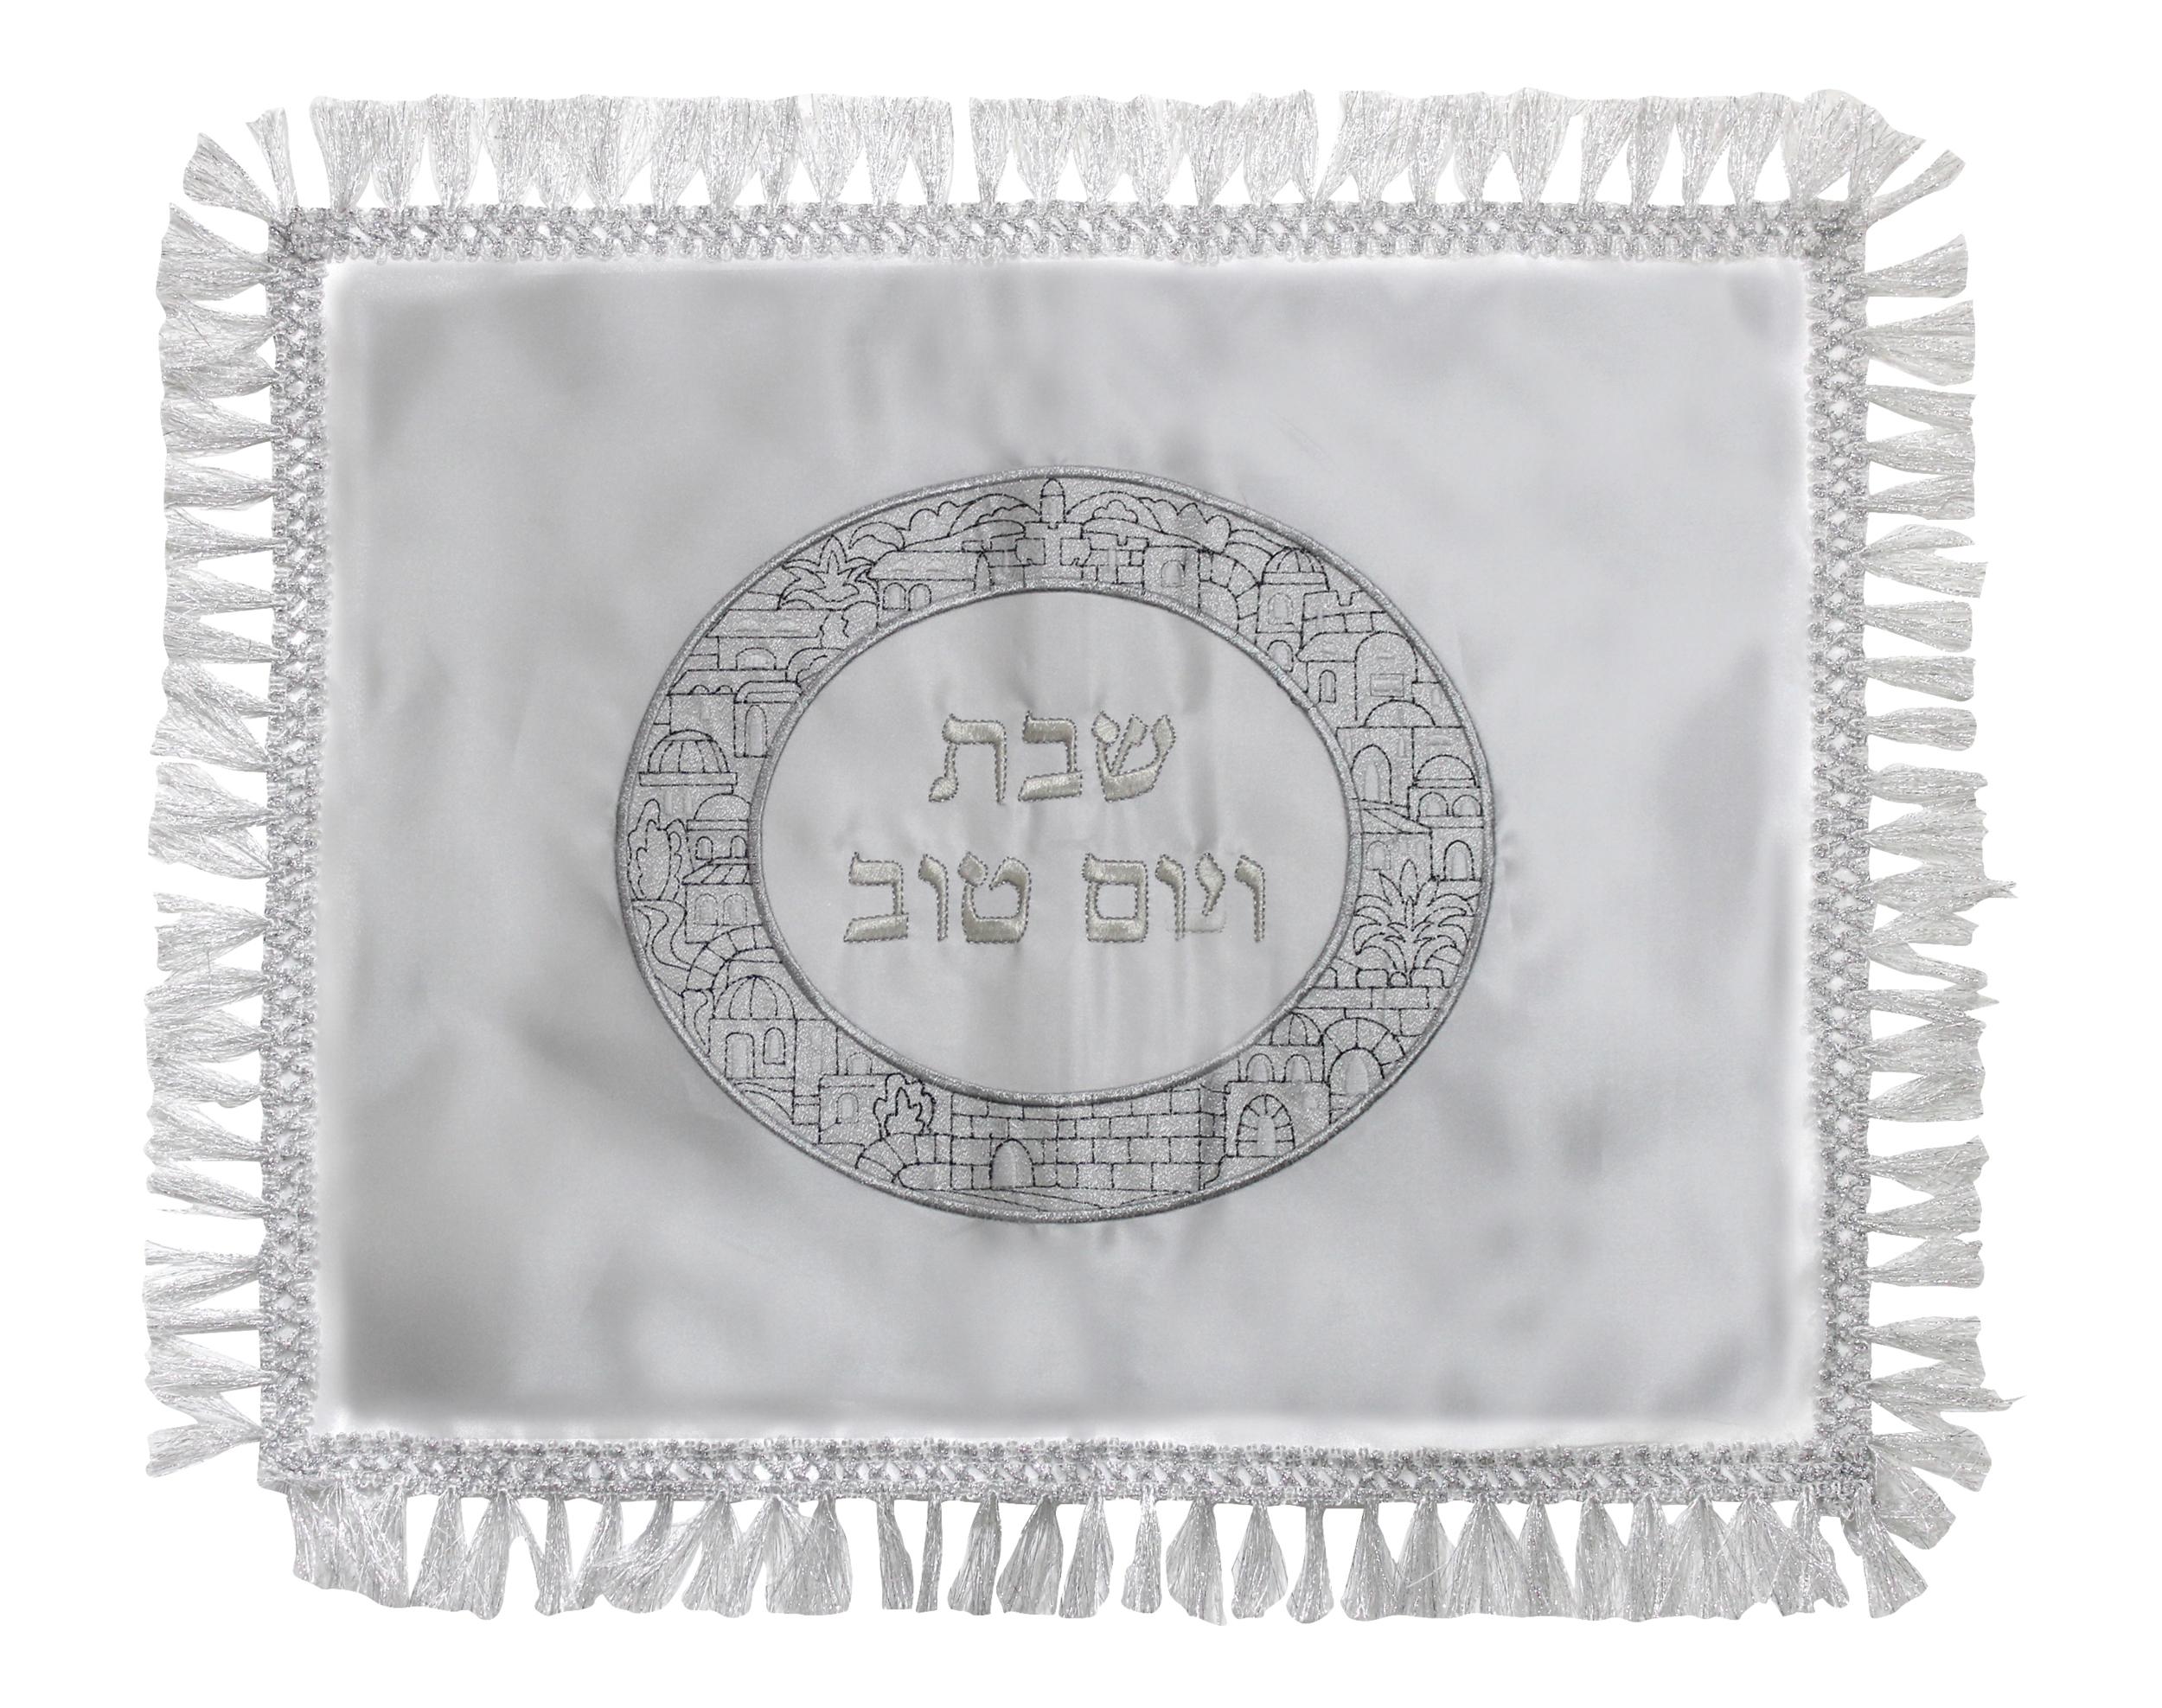 Couvre pains en satin blanc brodé uk63028